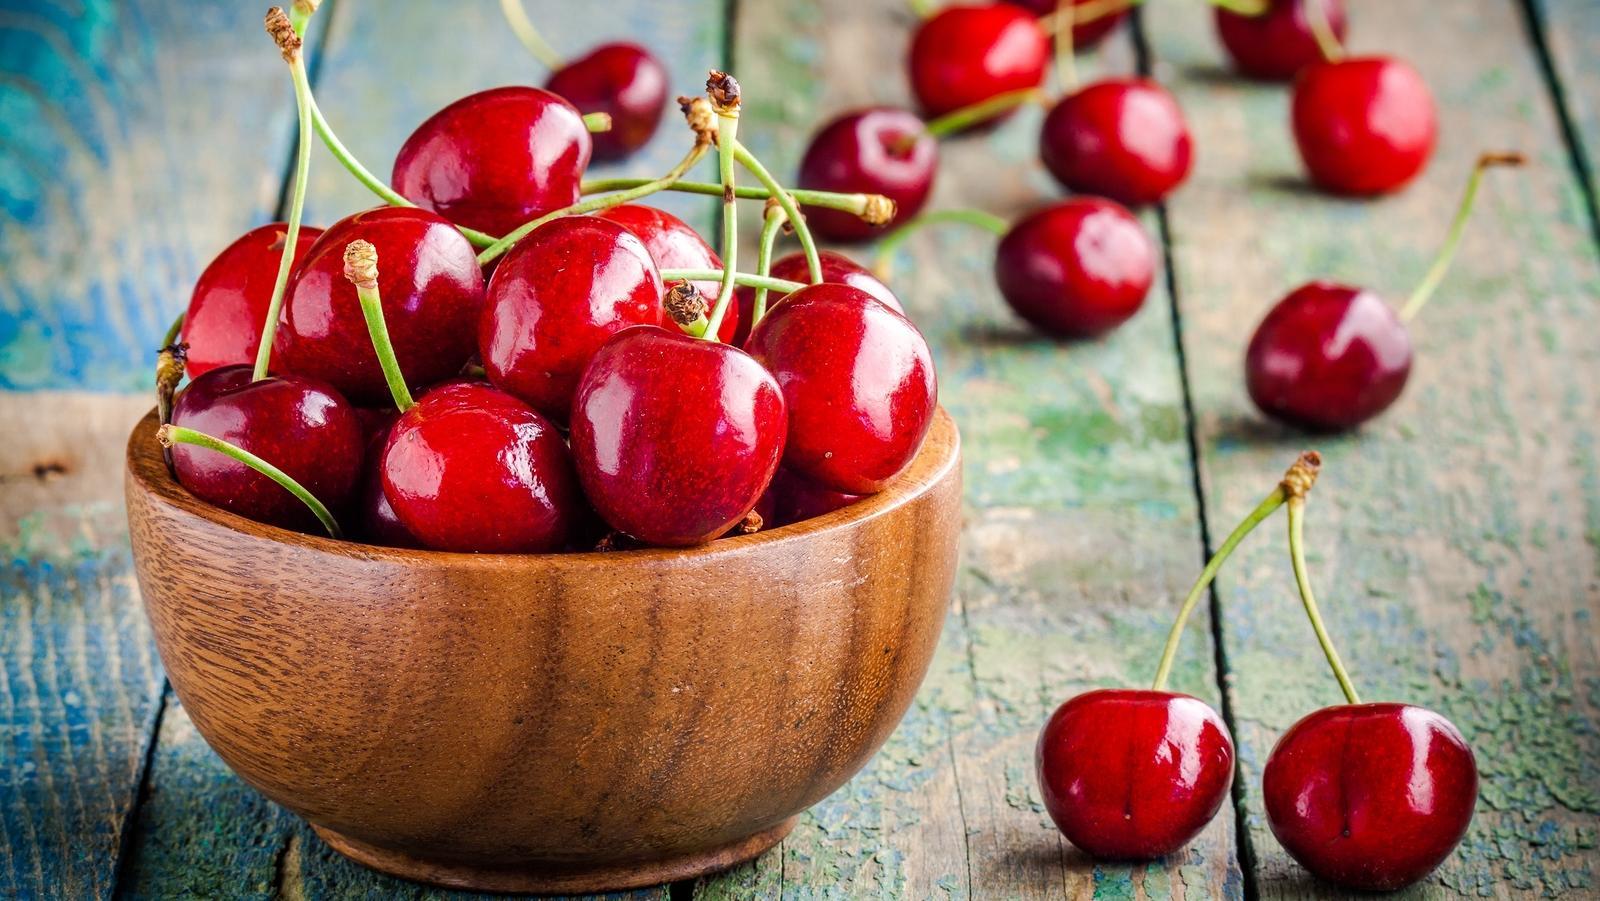 cseresznye jó fogyni